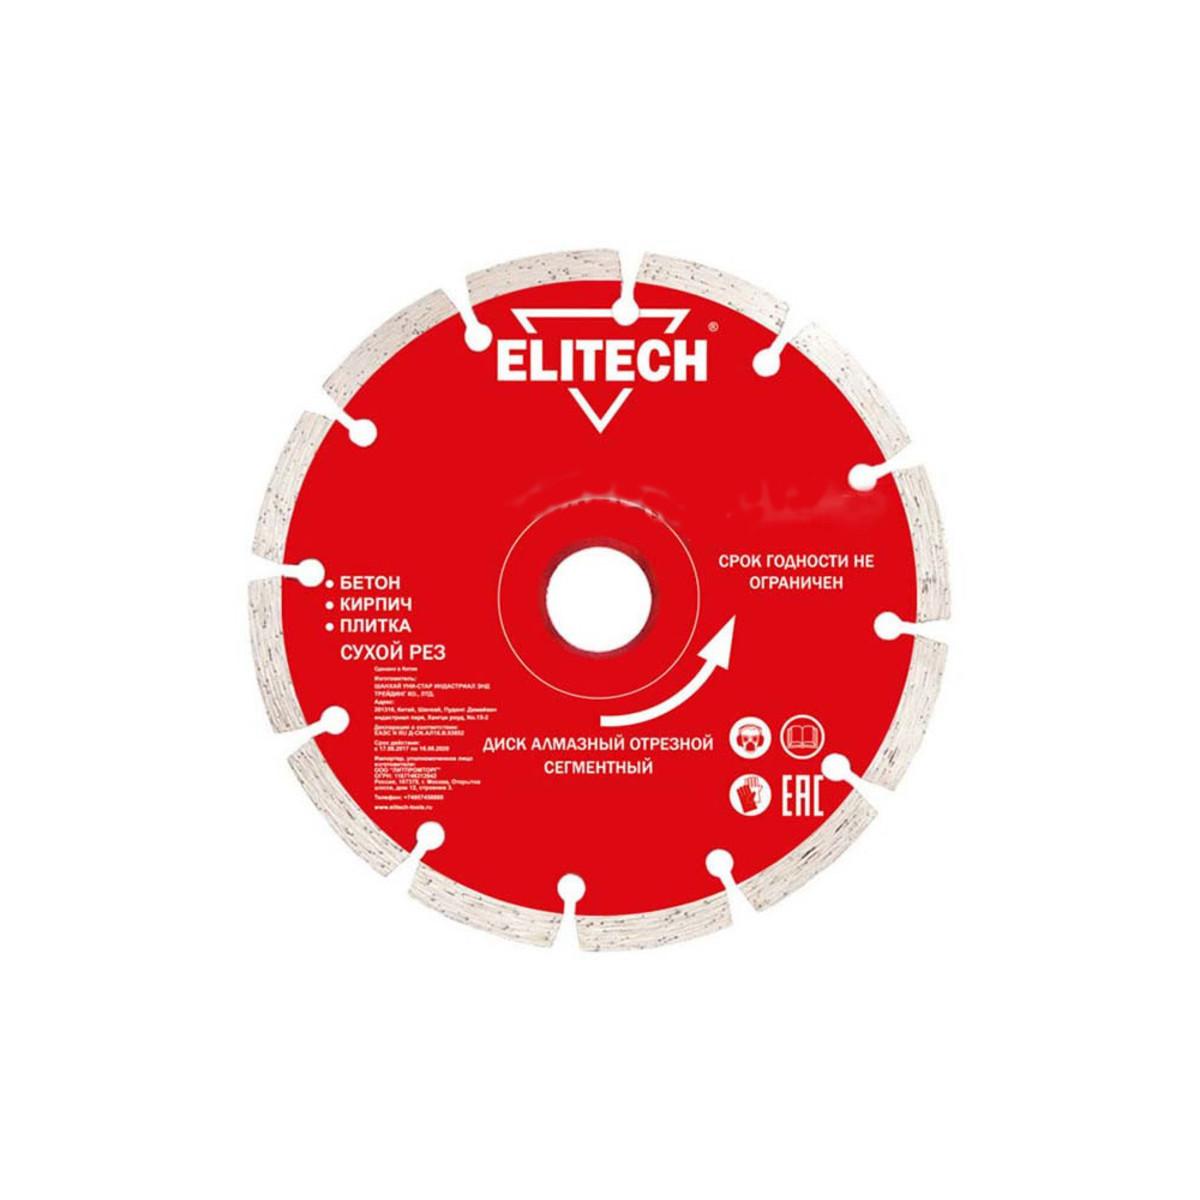 Диск Алмазный Elitech 180Х22Х24 18200581